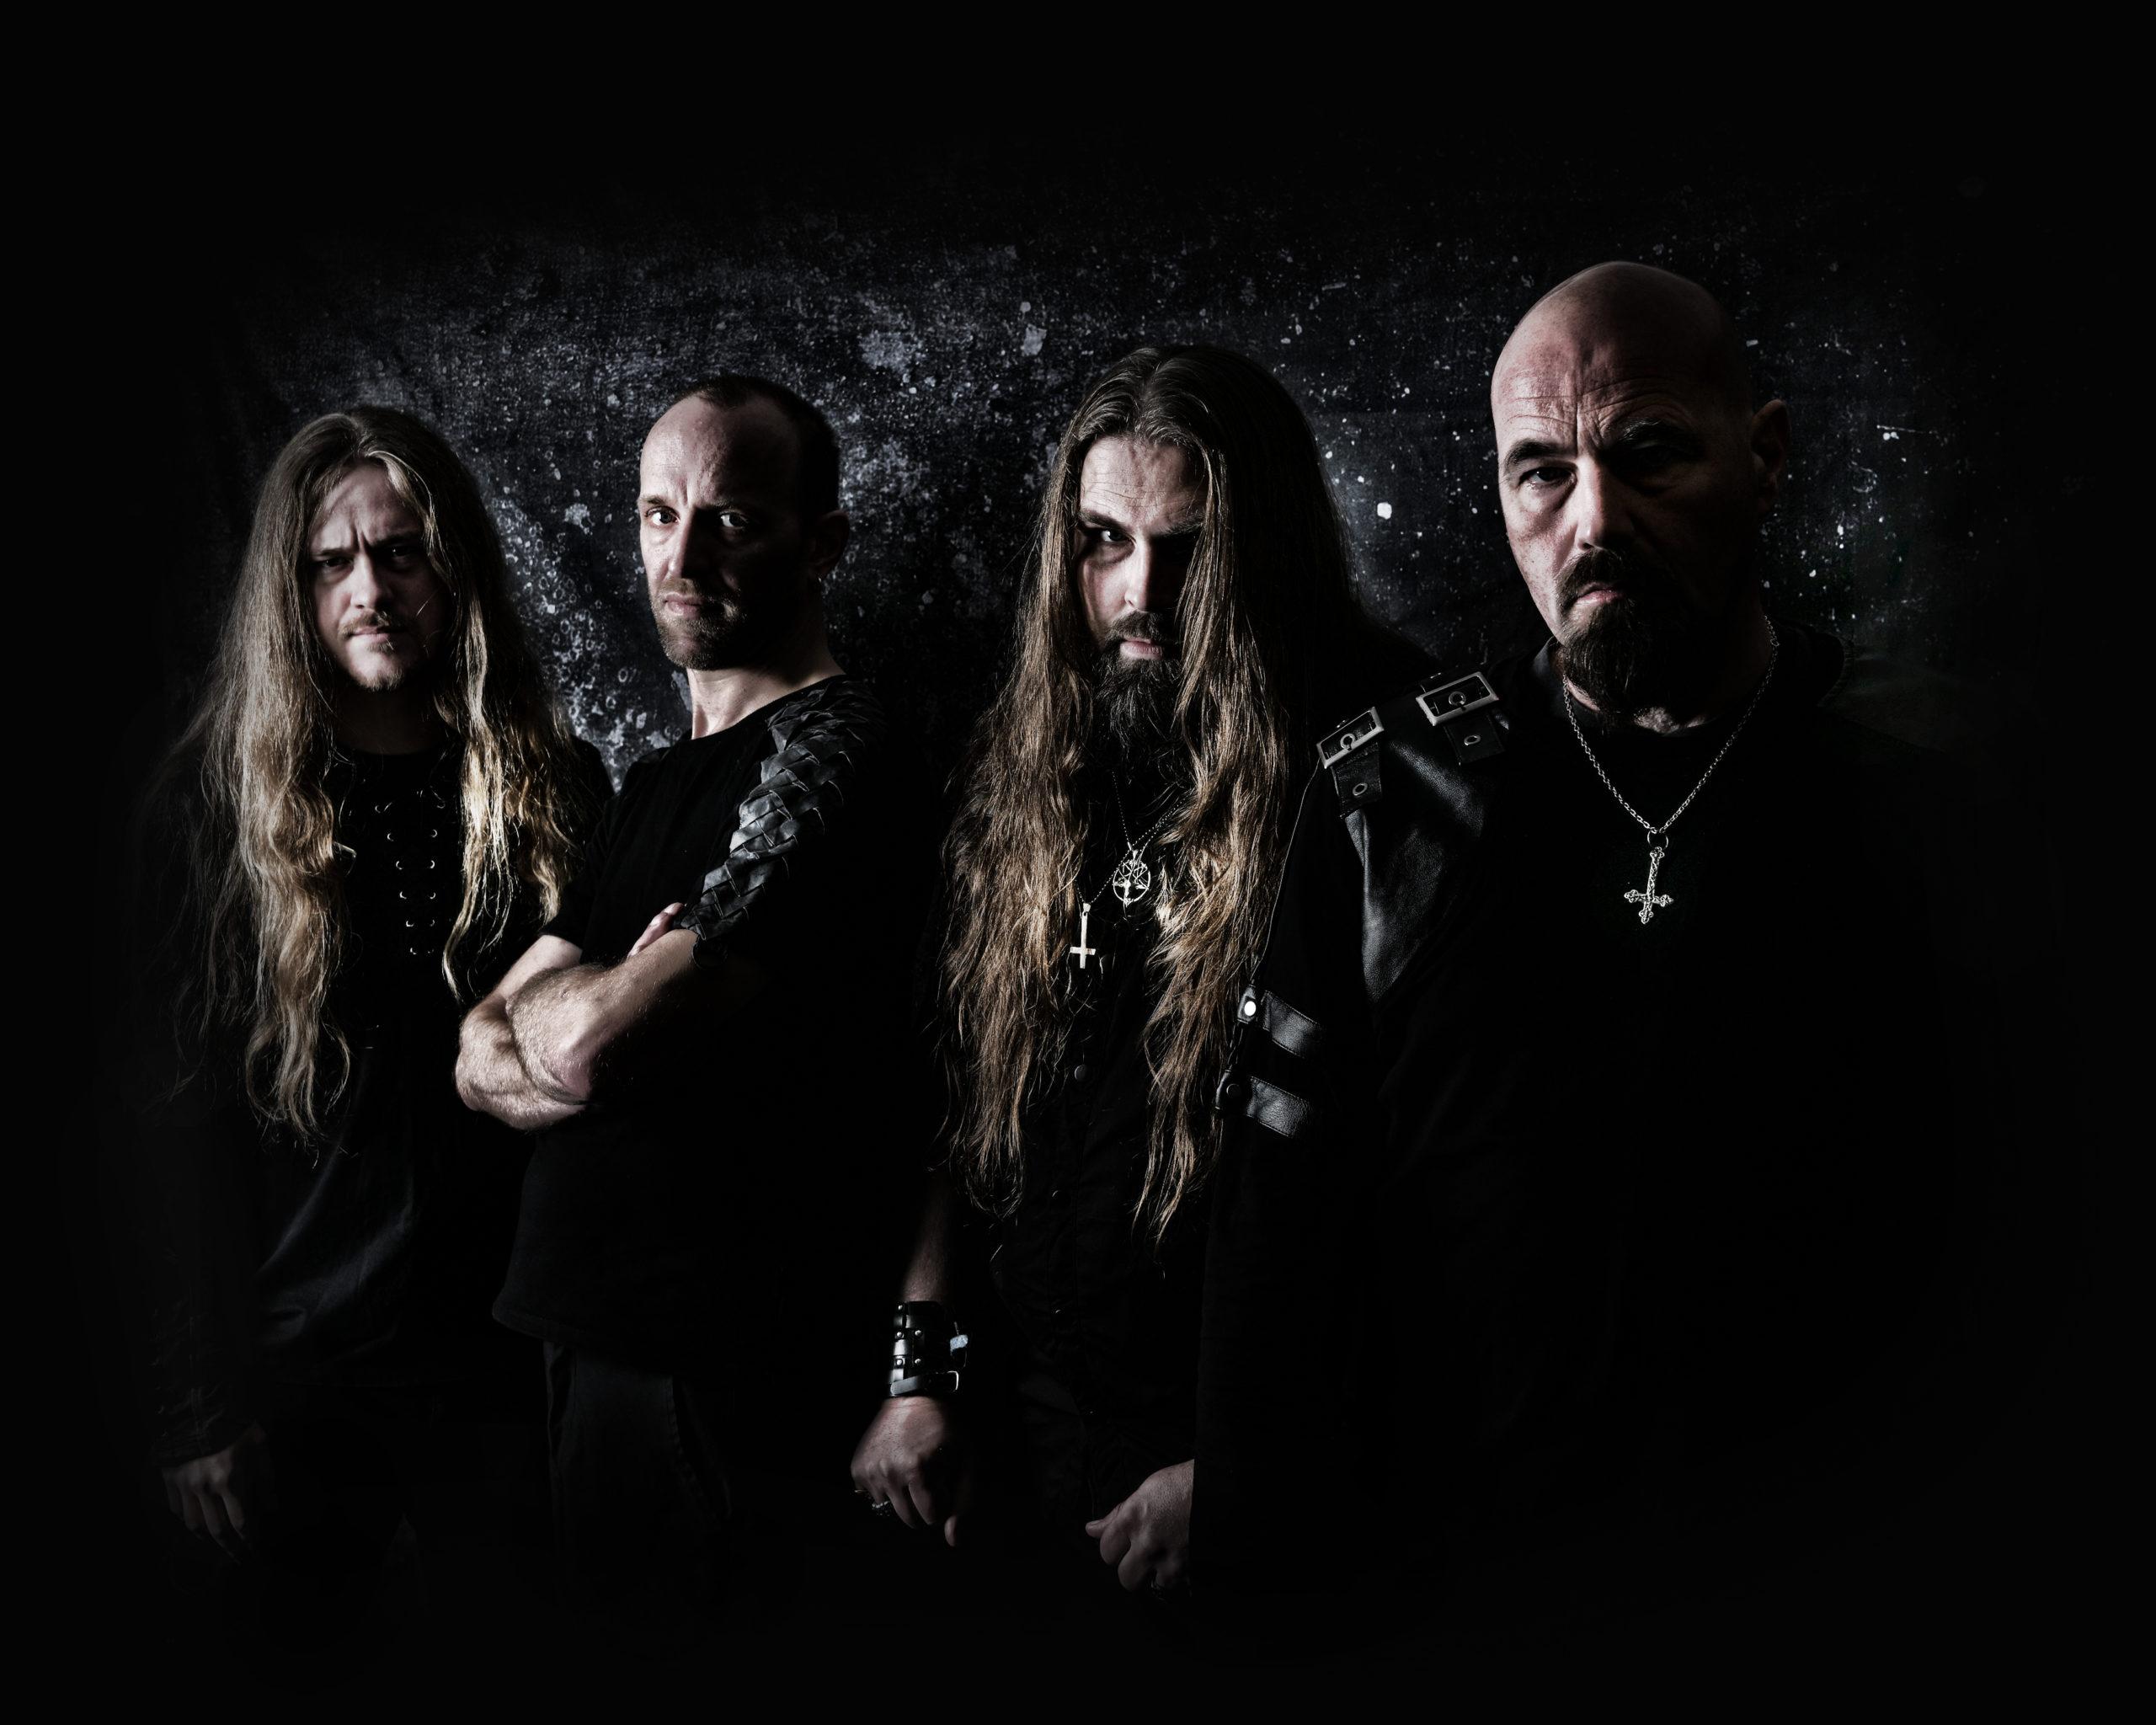 GOD DETHRONED launch music video for new single 'Spirit Of Beelzebub'